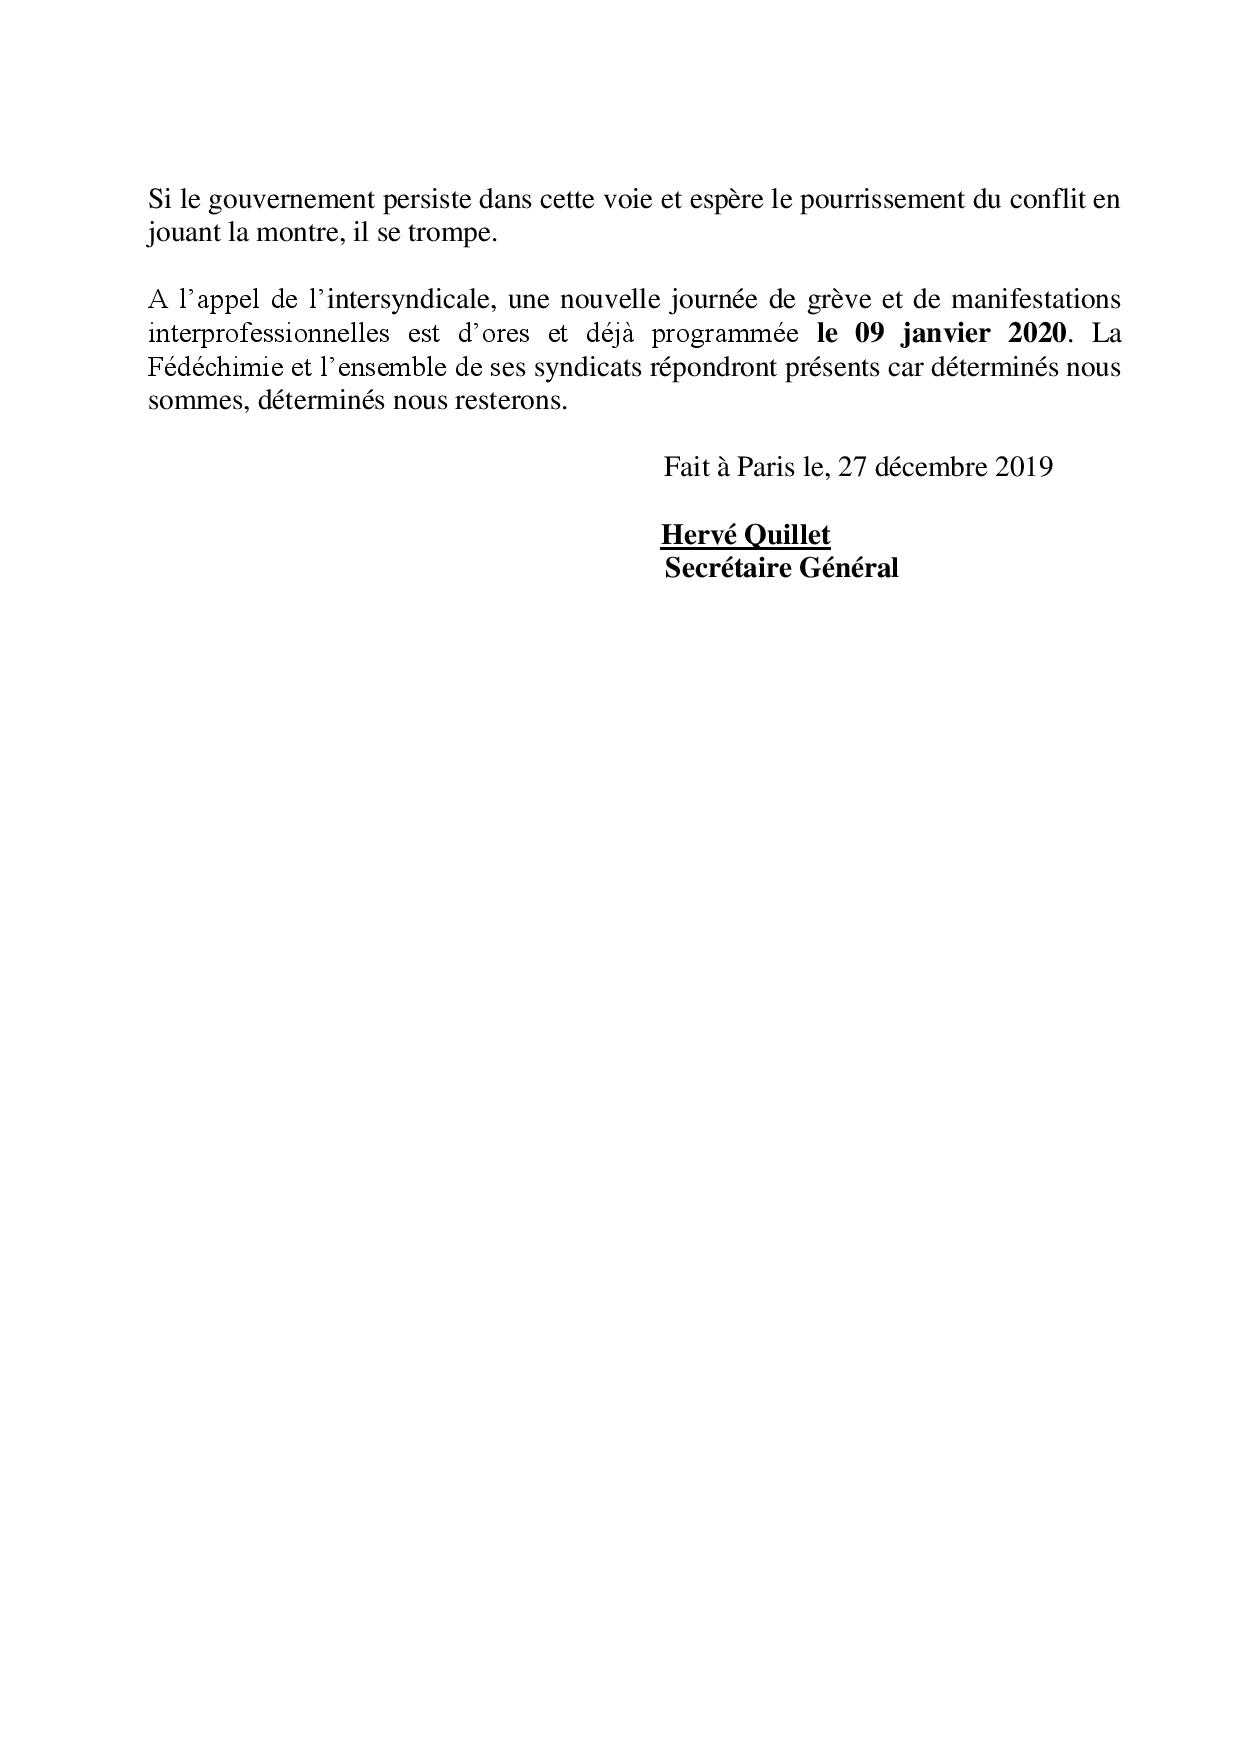 Fd chimie motion de soutien contre la reforme des retraites macron philippe page 002